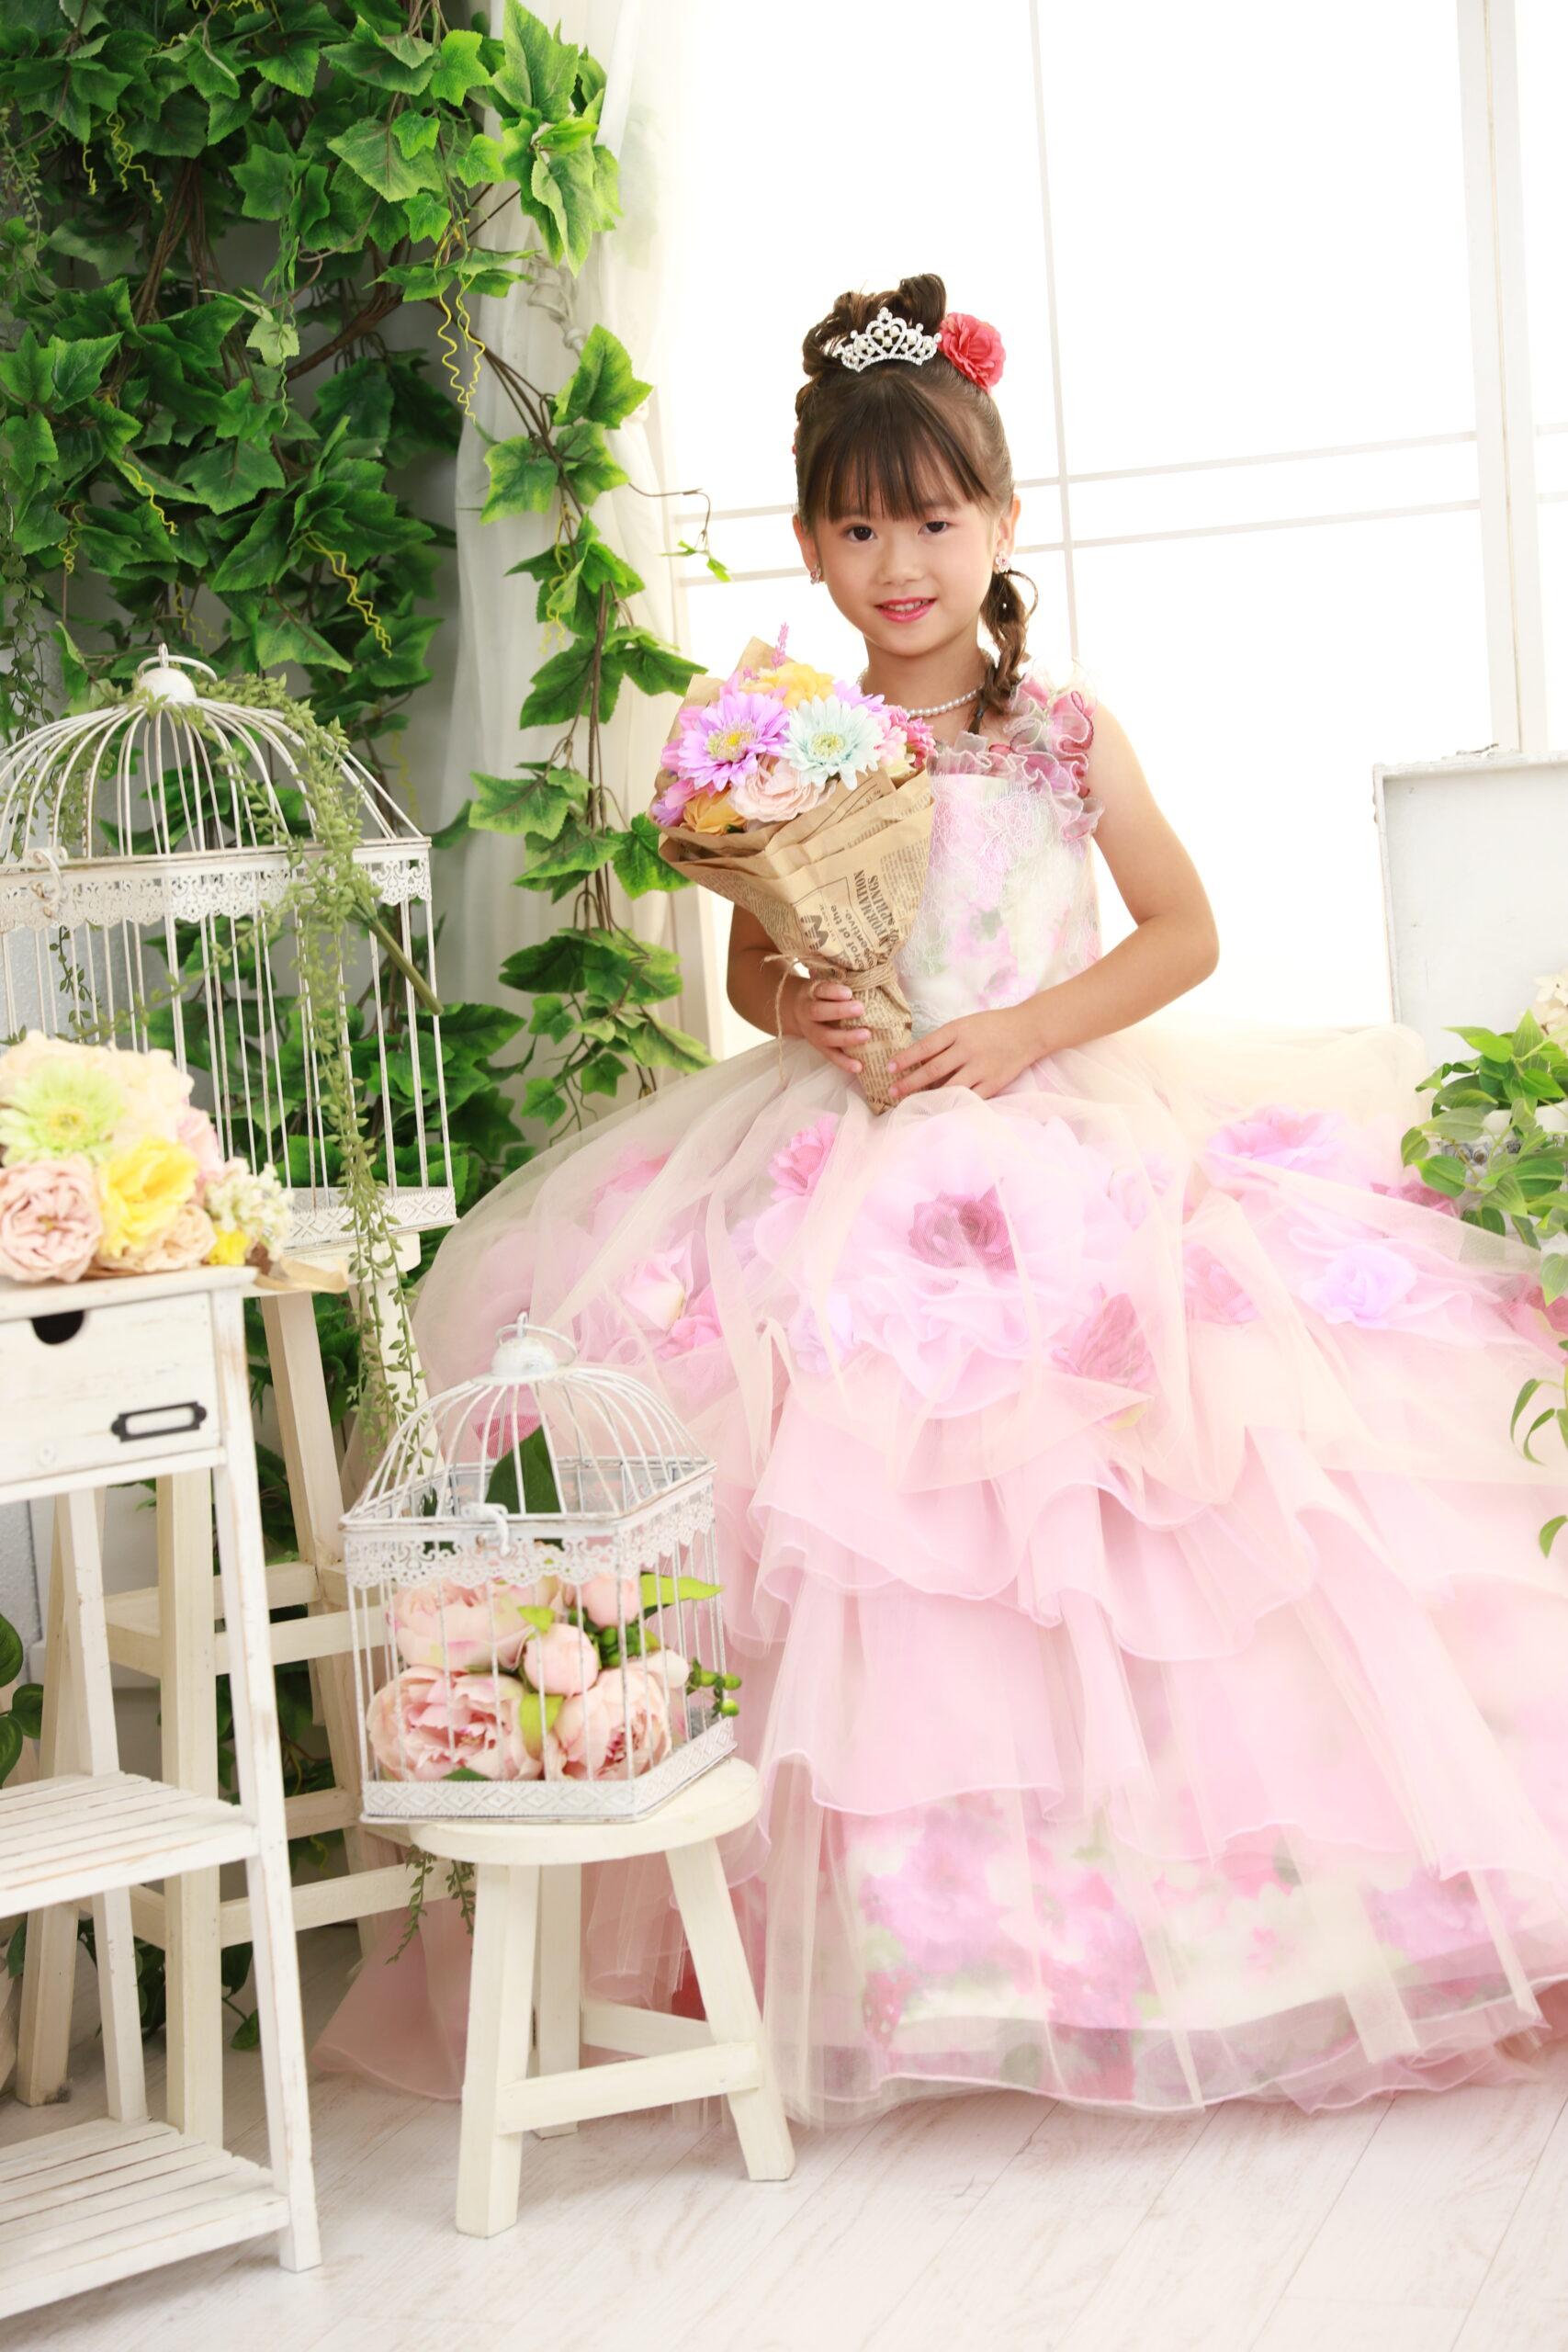 7歳の七五三 ドレスでもご撮影いただけます